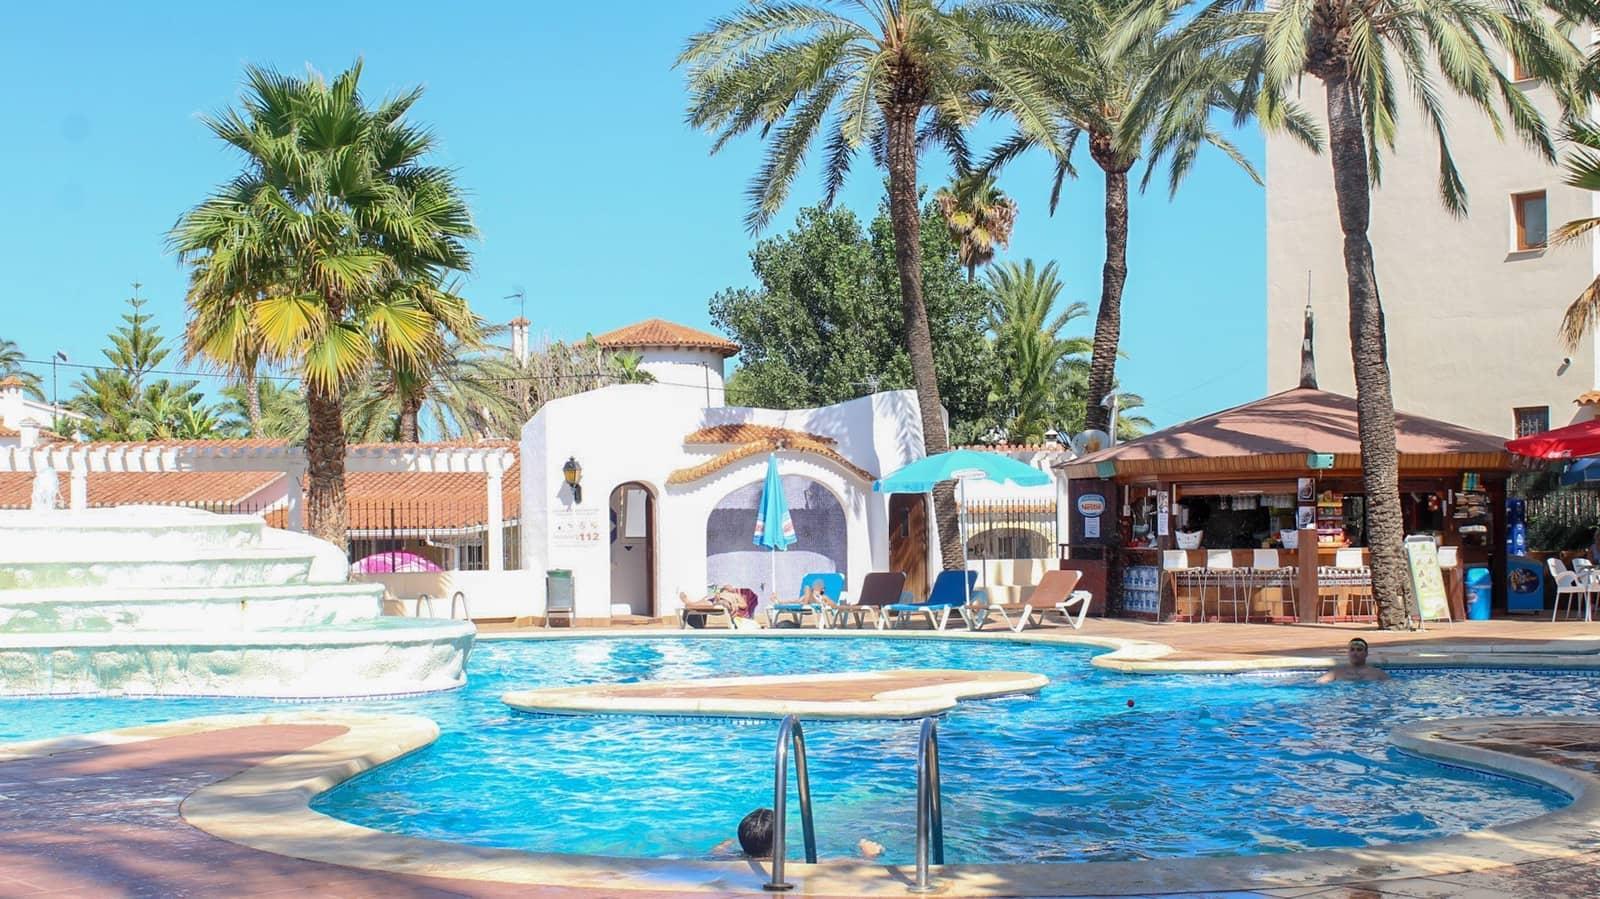 Studio na sprzedaż w Denia z basenem garażem - 79 000 € (Ref: 5089086)